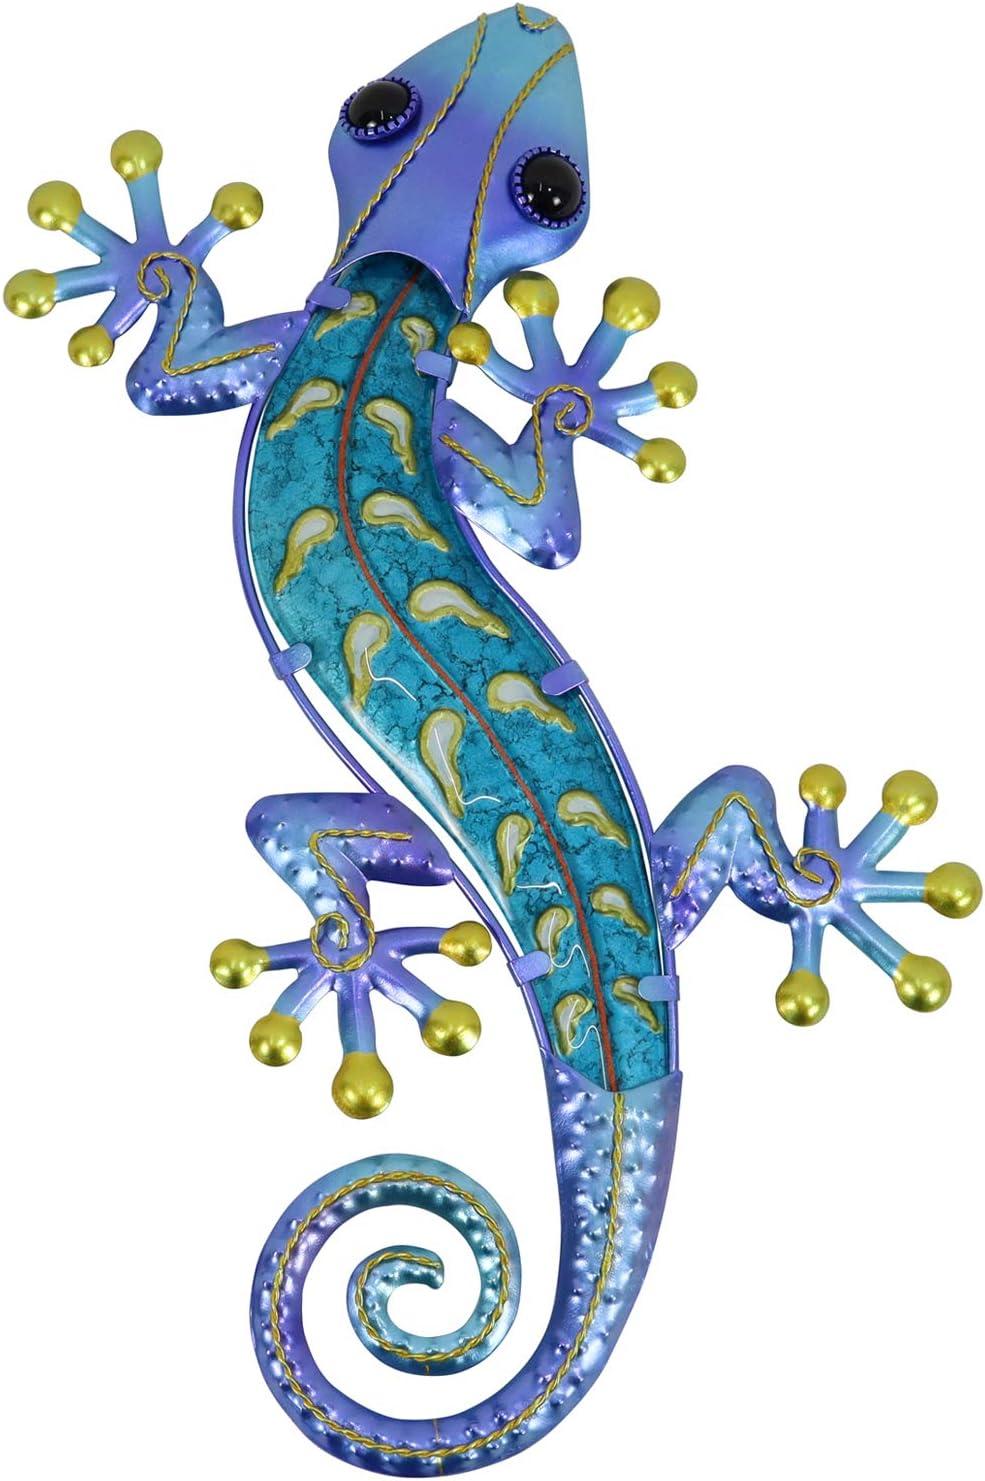 HONGLAND Metal Gecko Wall Decor Outdoor Indoor Lizard Art Sculpture Glass Decorations for Home (Blue-2)